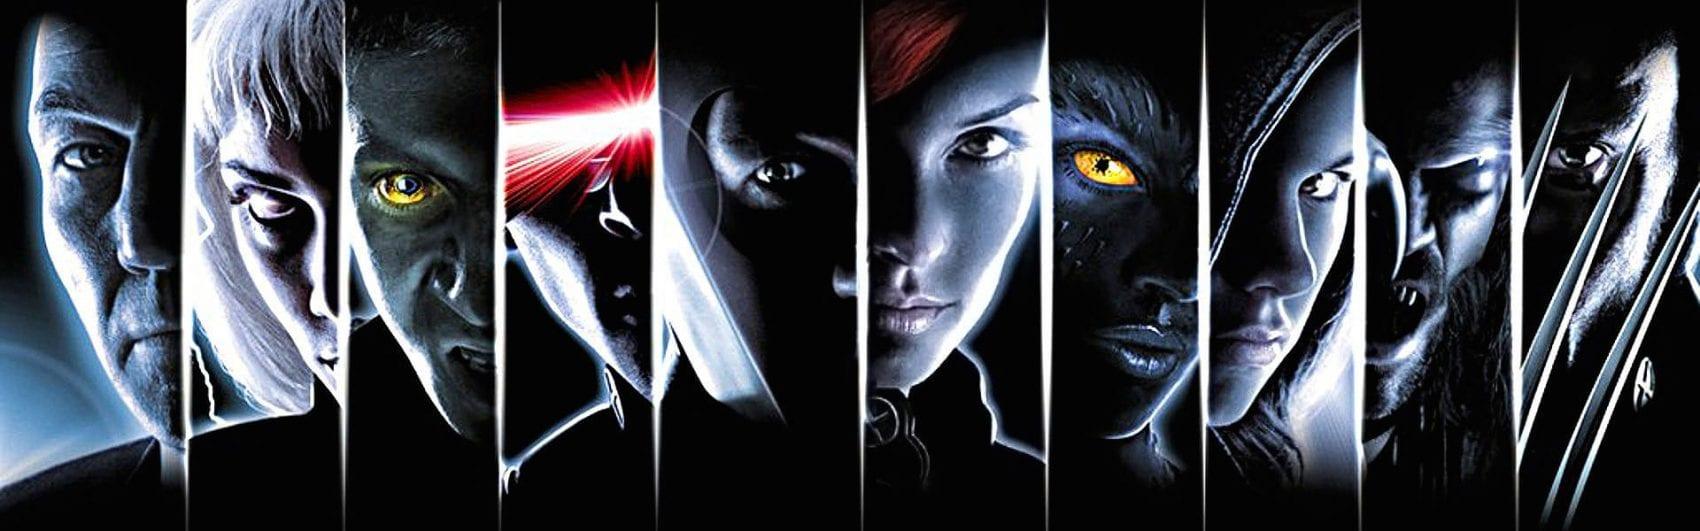 X-Men Série TV News My Geek Actu Film